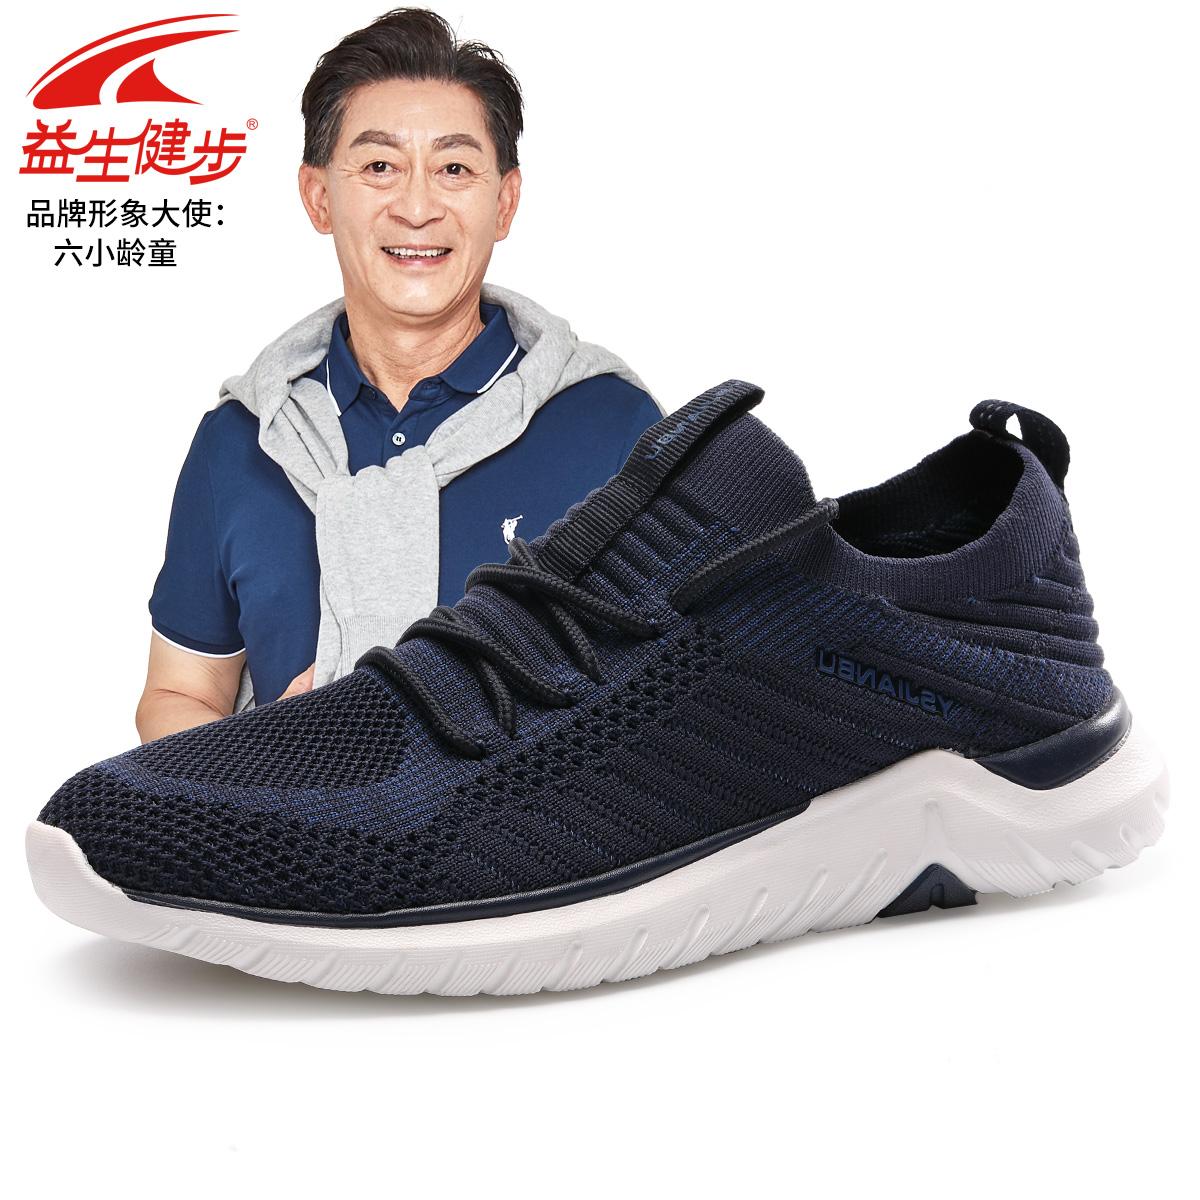 【益生健步】休闲一脚蹬运动鞋